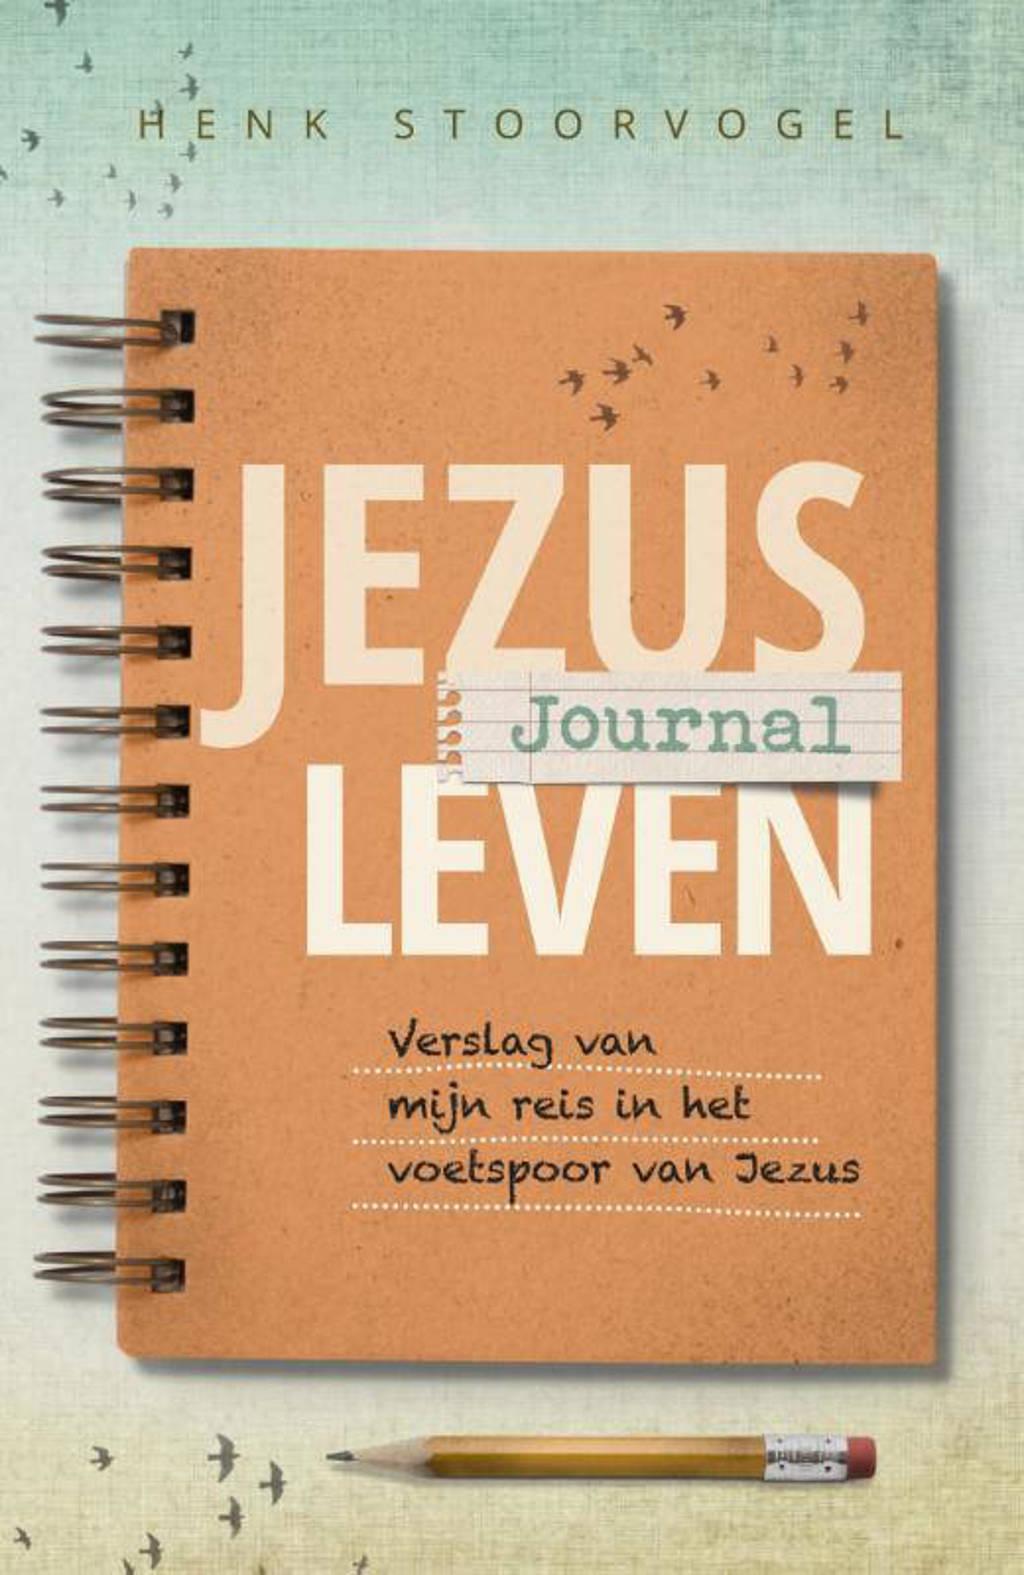 Jezus leven journal - Henk Stoorvogel